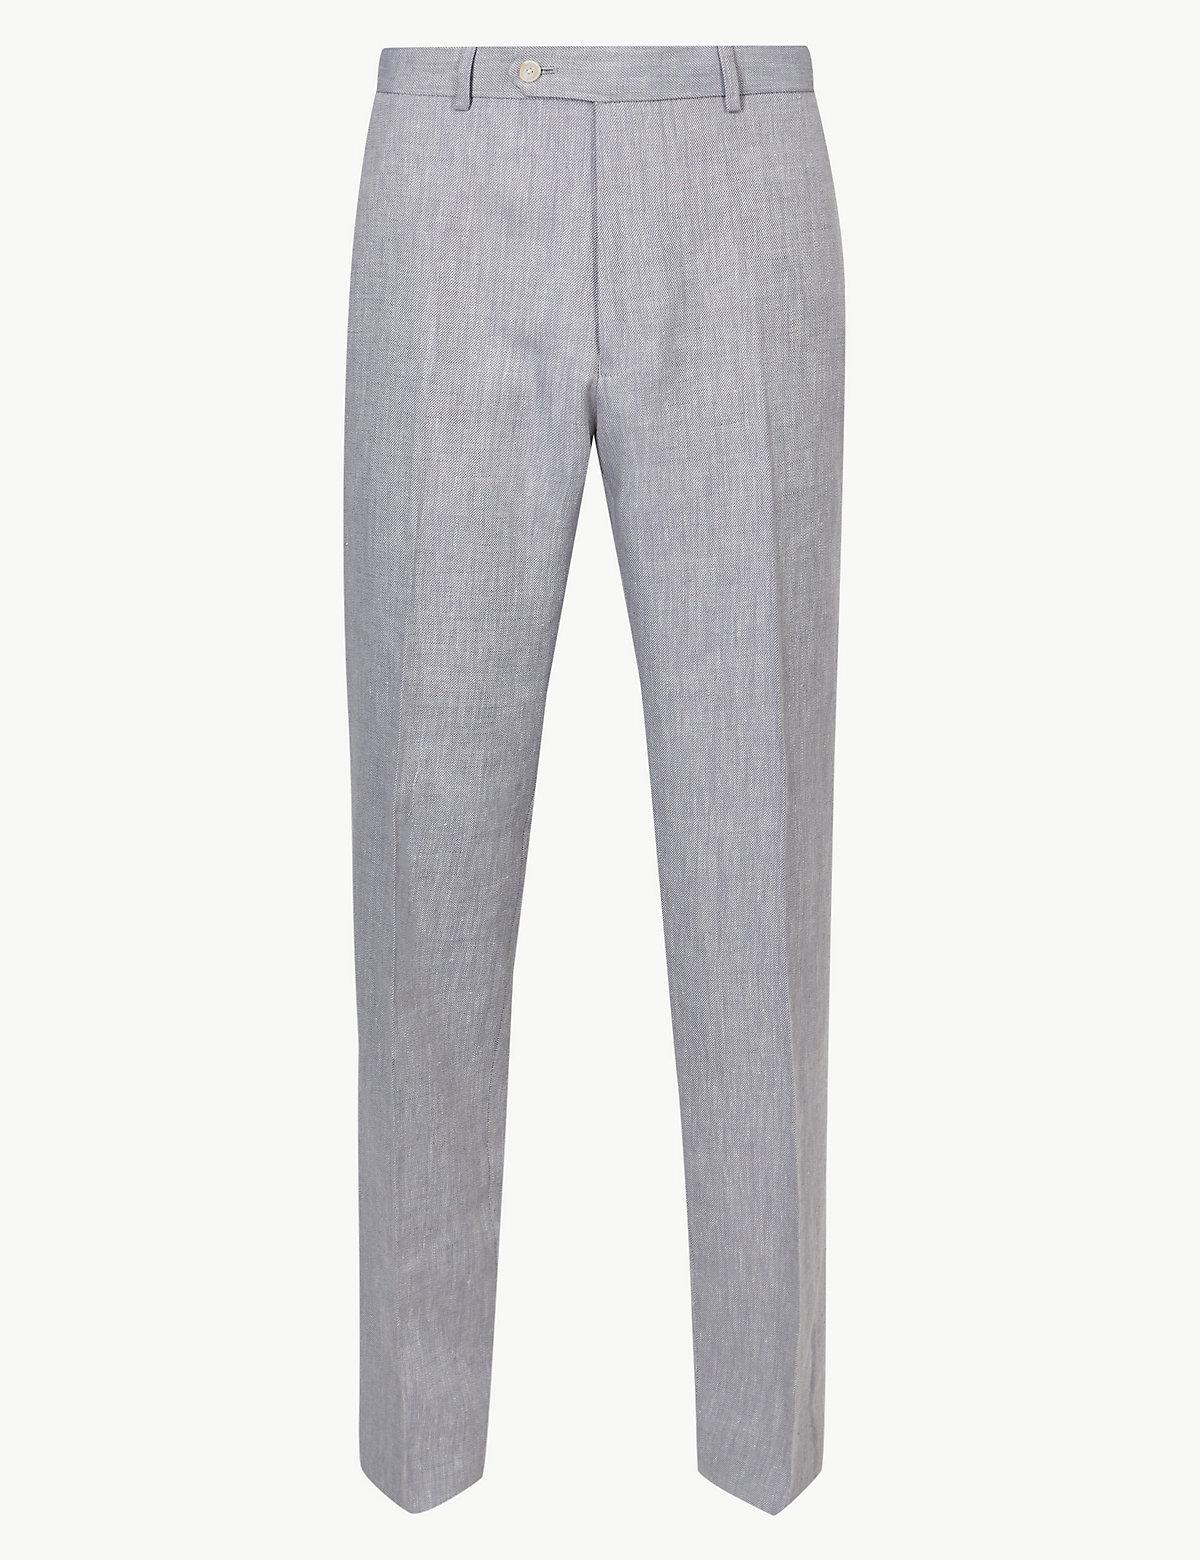 Классические мужские брюки с добавлением льна Miracle M&S Collection. Цвет: серый